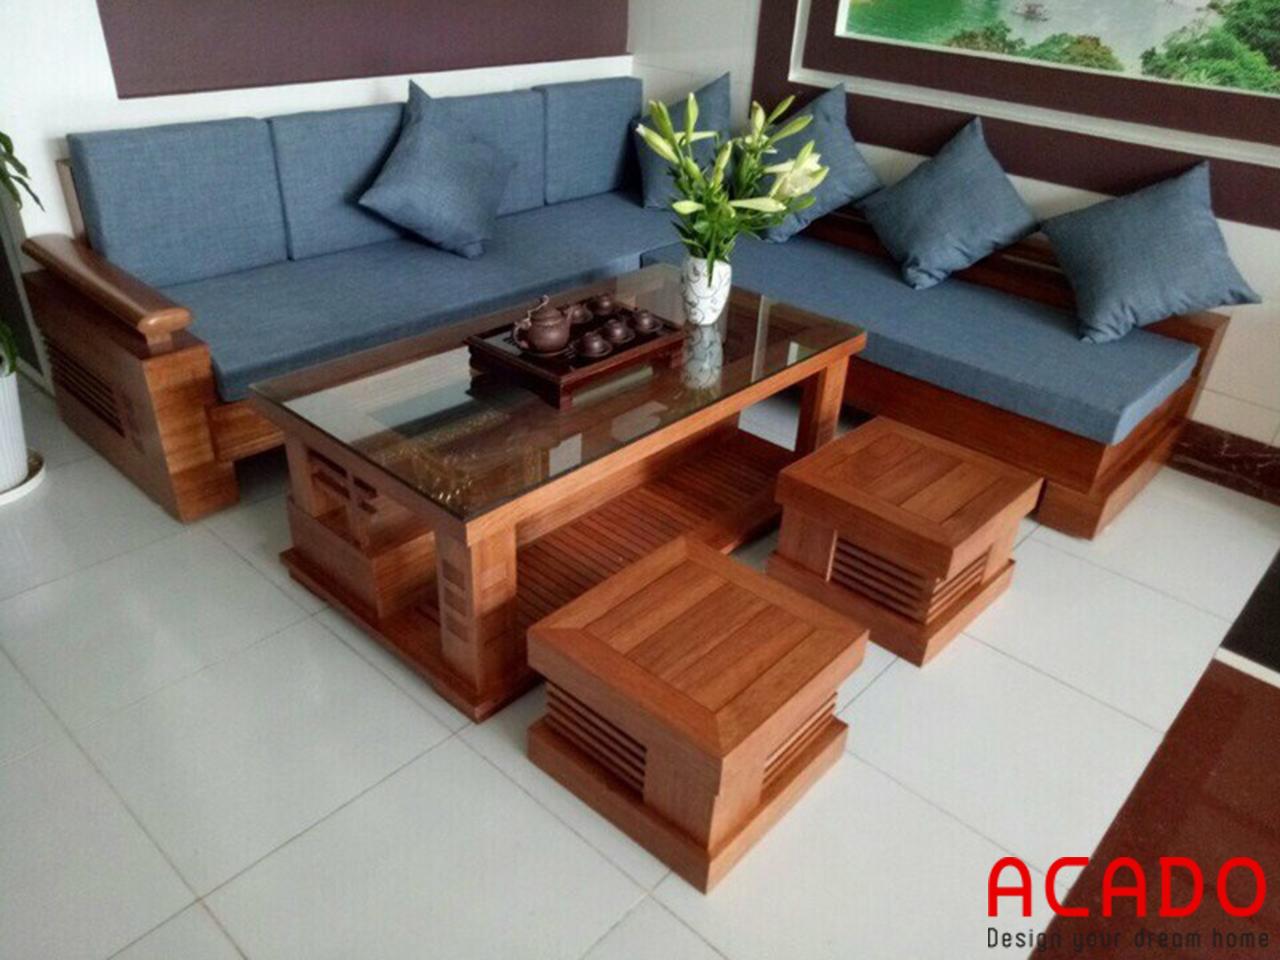 Sofa gỗ xoan đào có thêm đệm thoải mái khi sử dụng